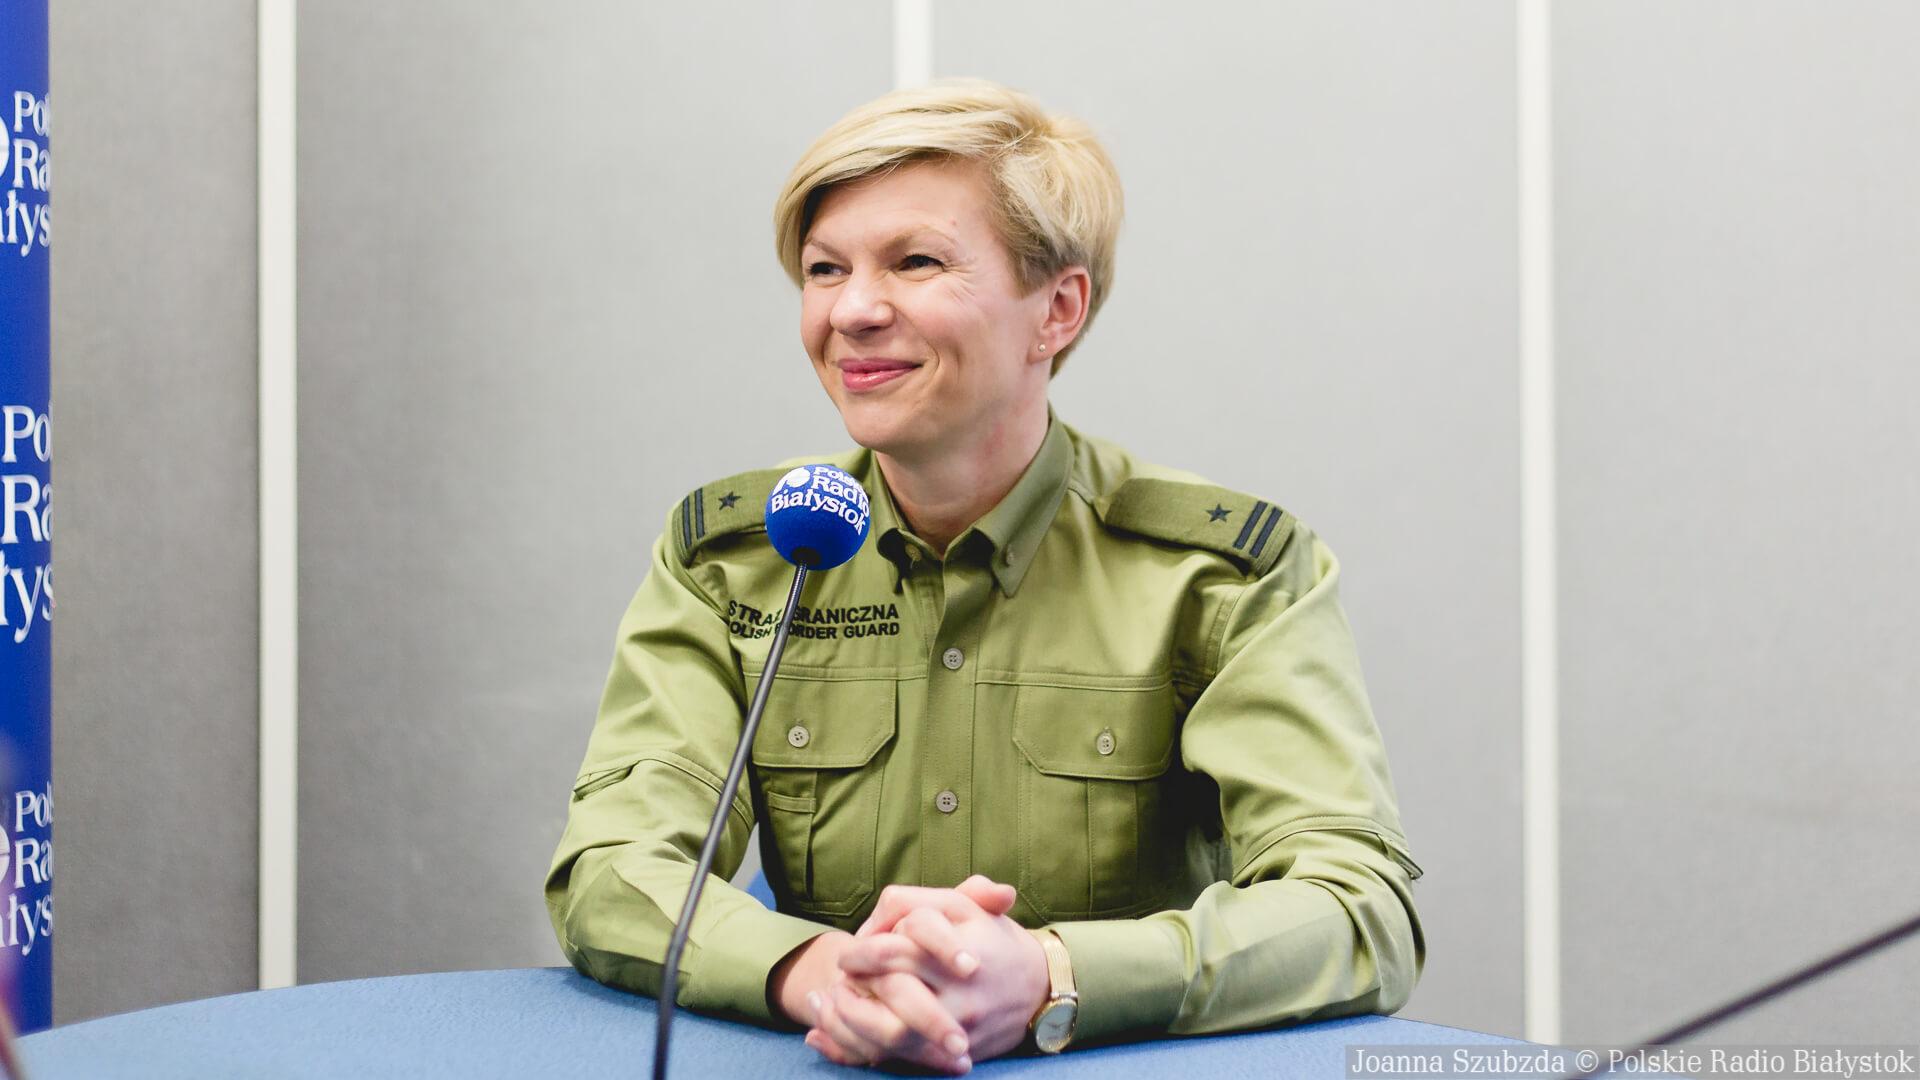 mjr Katarzyna Zdanowicz, fot. Joanna Szubzda